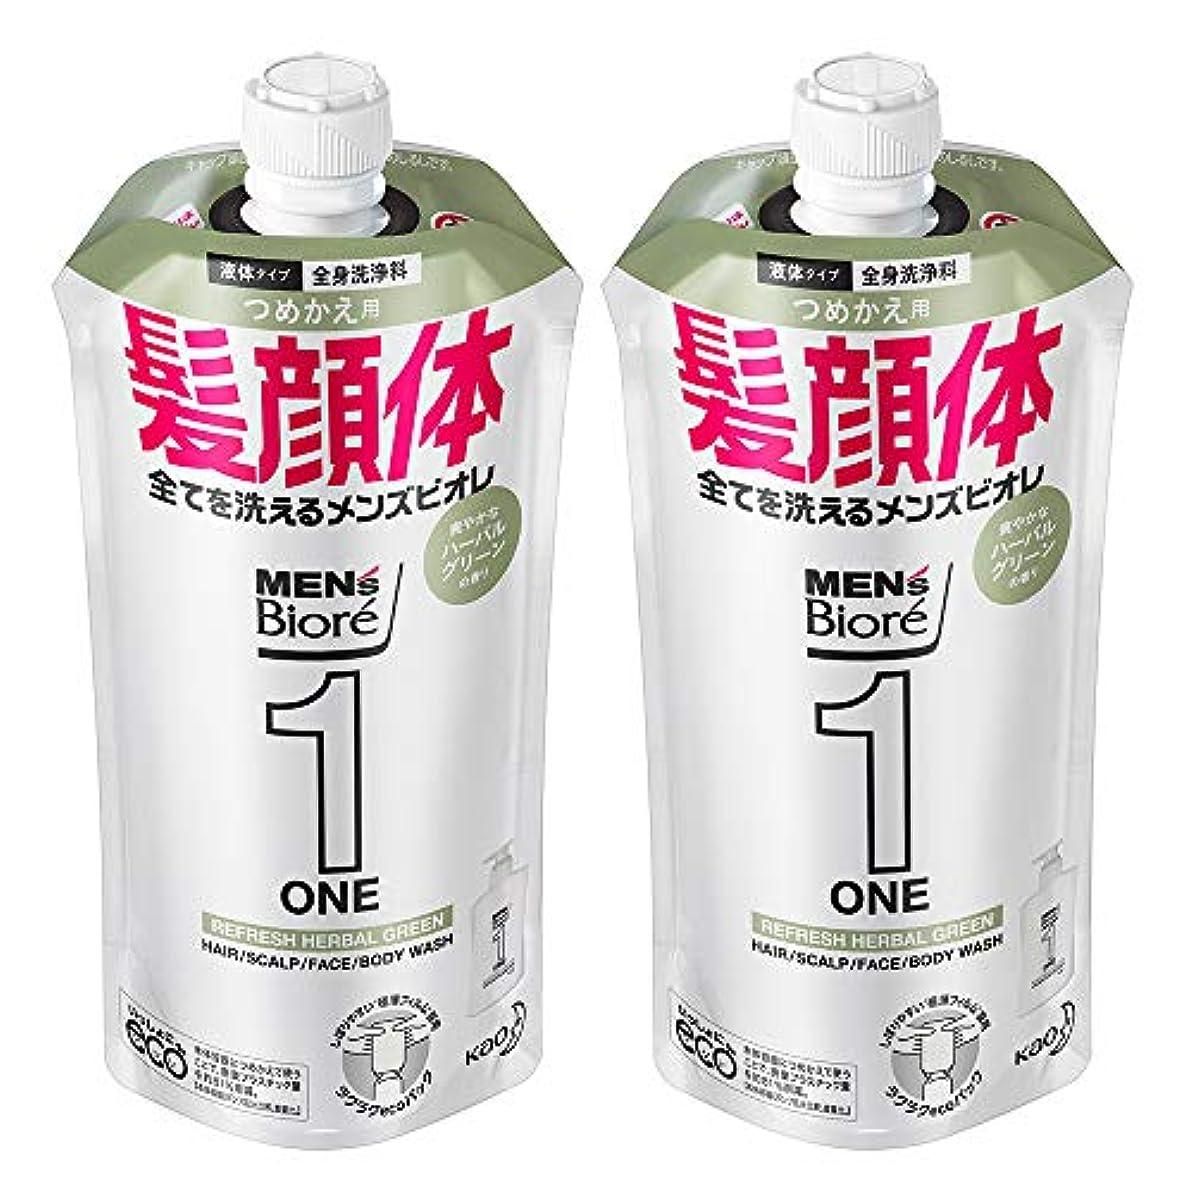 検索銀行怒る【まとめ買い】メンズビオレ ONE オールインワン全身洗浄料 ハーバルグリーンの香り つめかえ用 340ml×2個